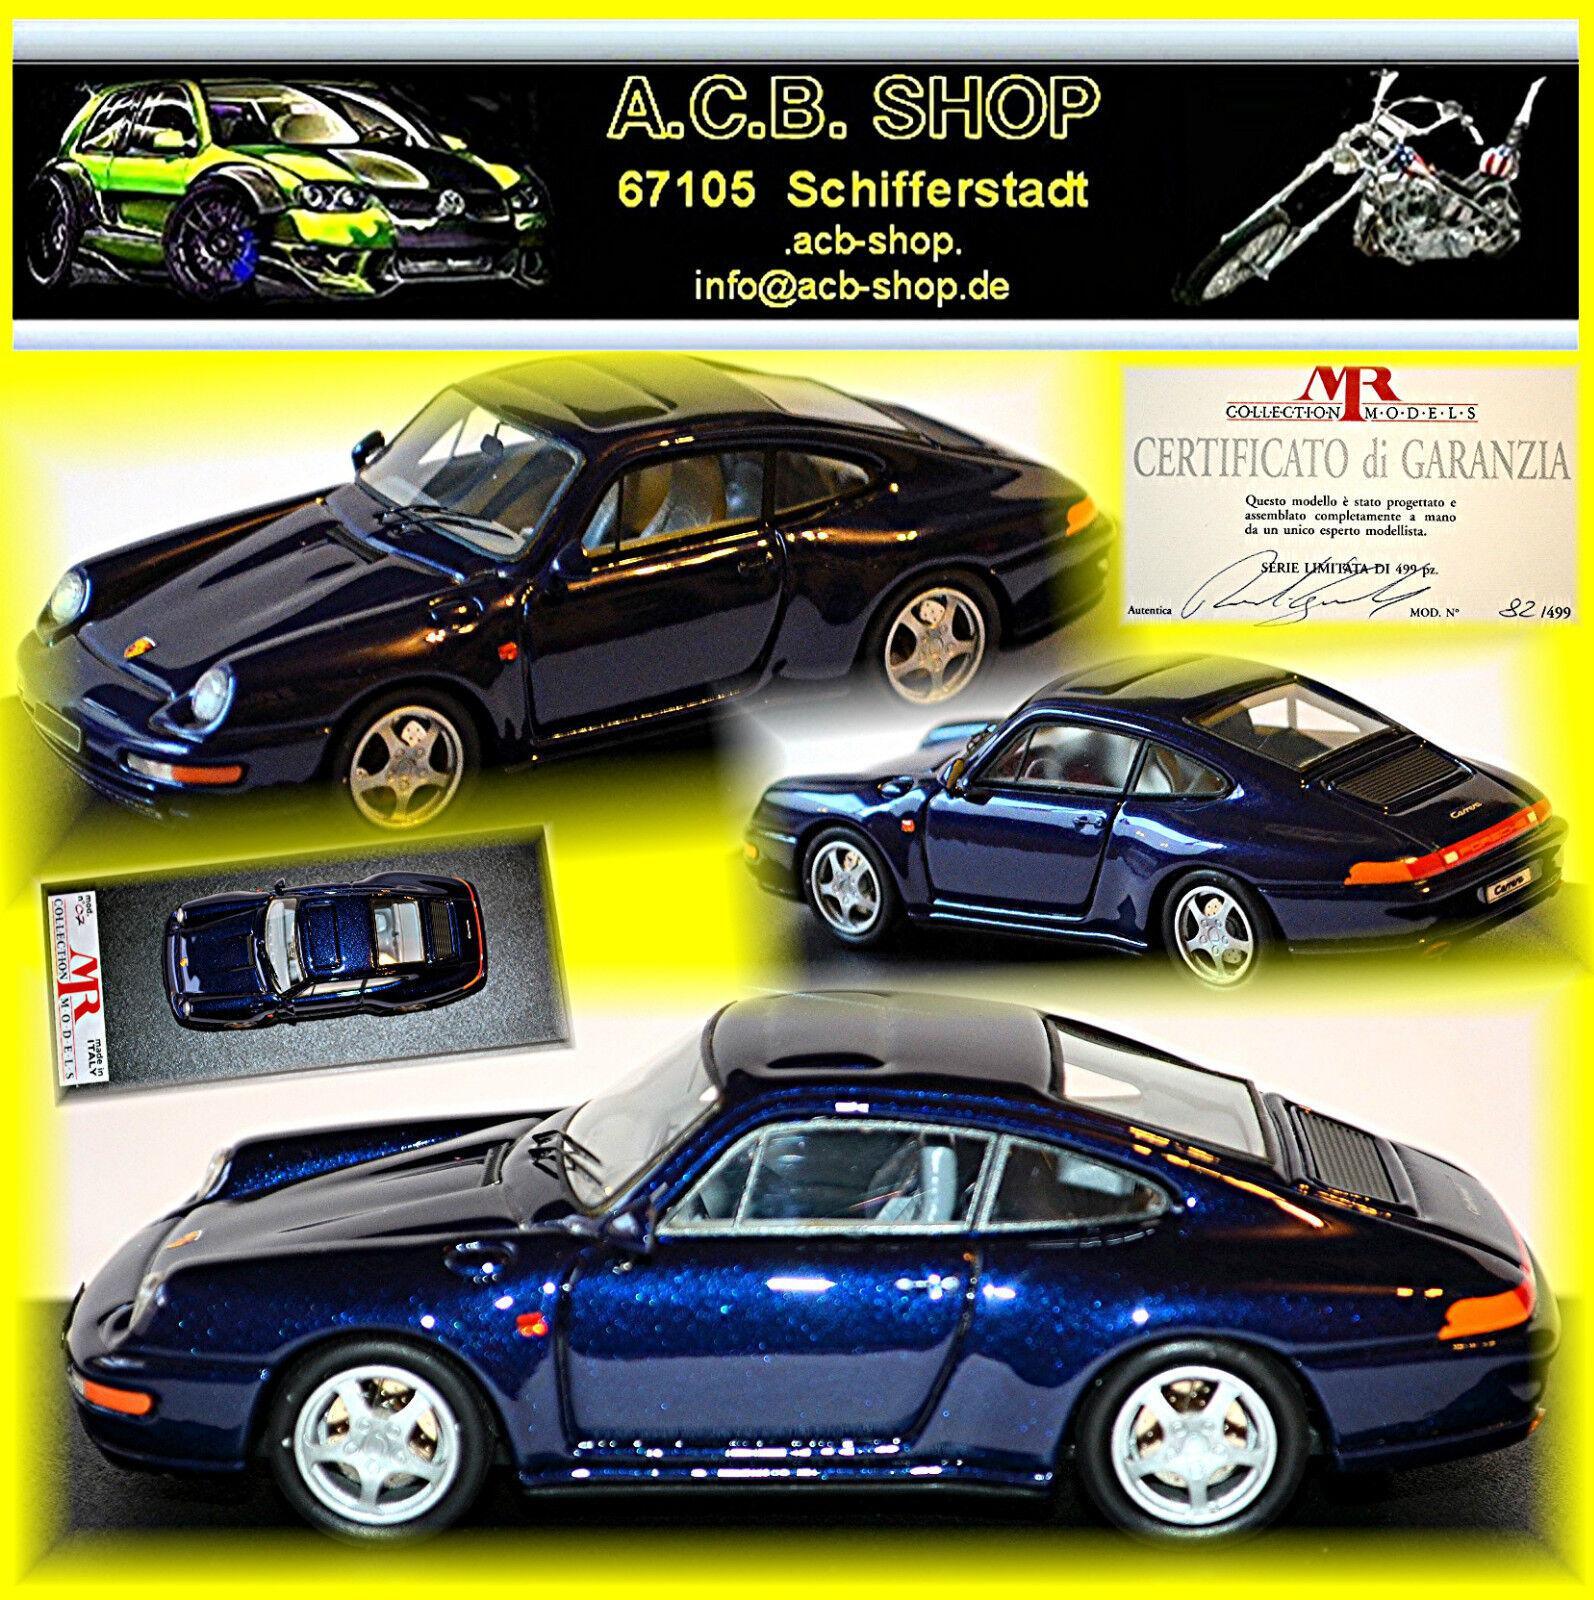 PORSCHE 911 993 993 993 autorera 4s COUPE 1993-98 BLU blu METtuttiIC 1 43 MR-modello 4fbcca